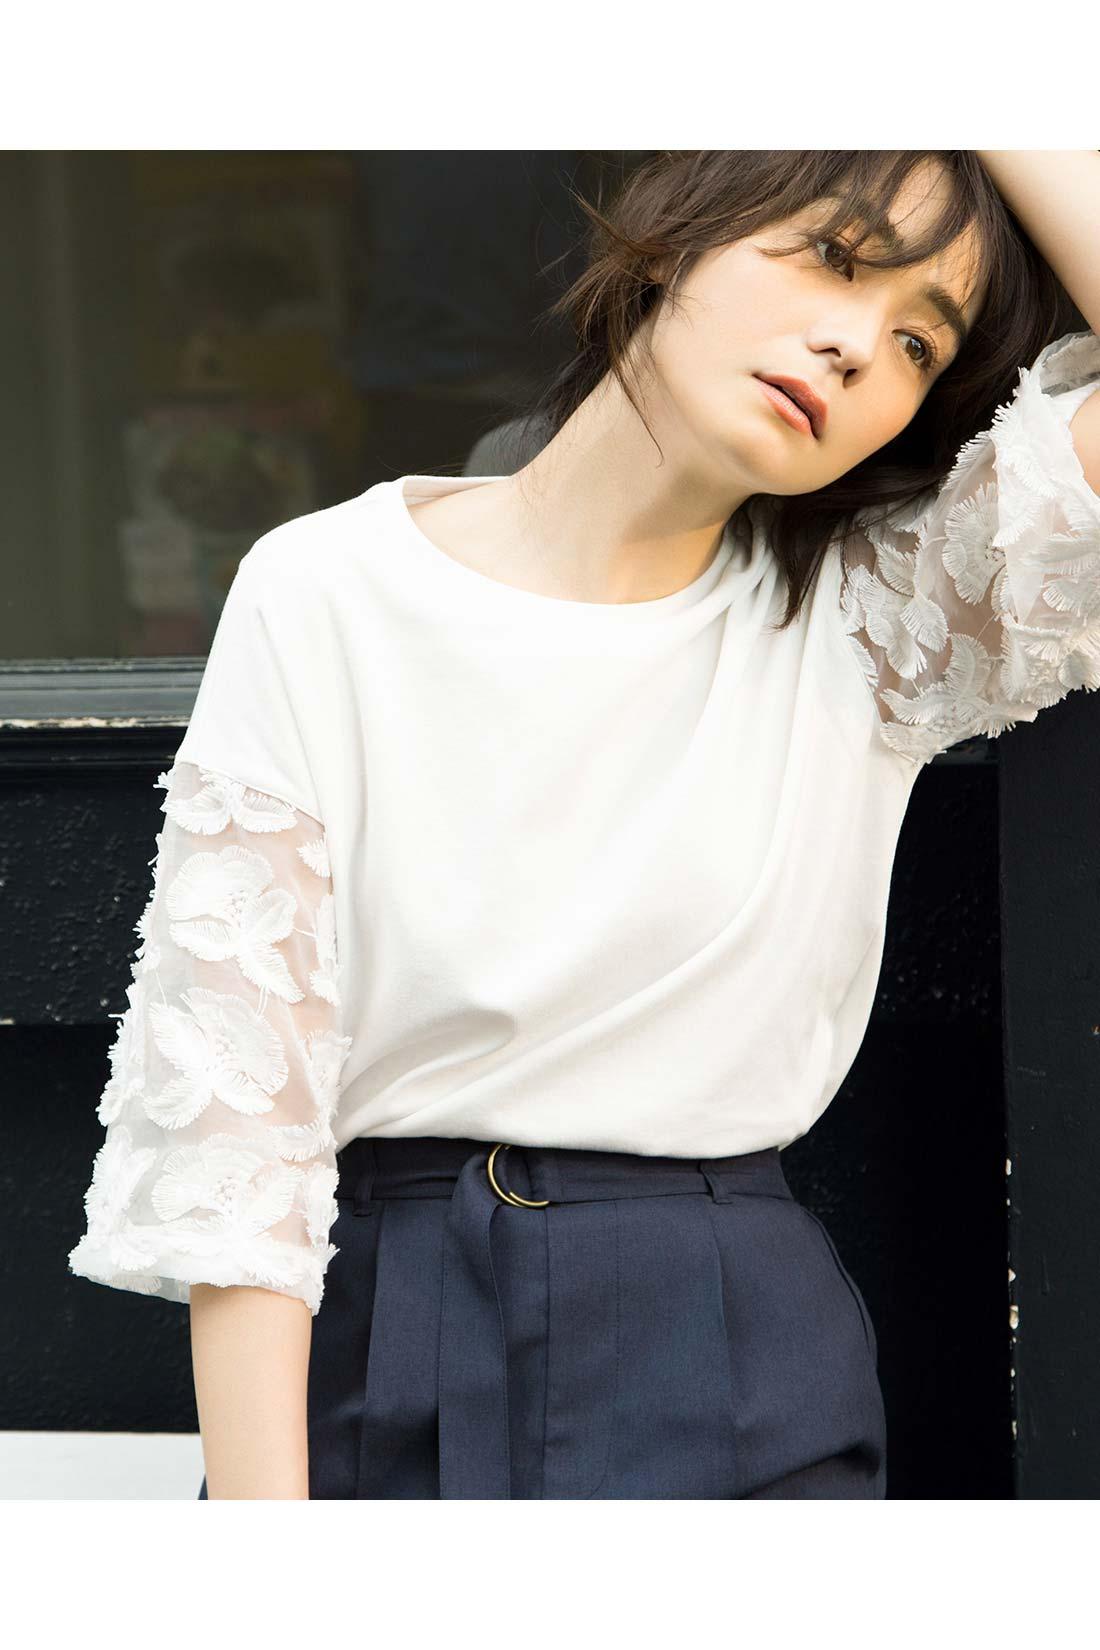 「白+透け」の投入で、好感度ある、女っぽさに。 白トップス×紺ボトムスの王道コーデ。旬を盛り込むことで、品よく艶っぽい印象に。 ※着用イメージです。お届けするカラーとは異なります。